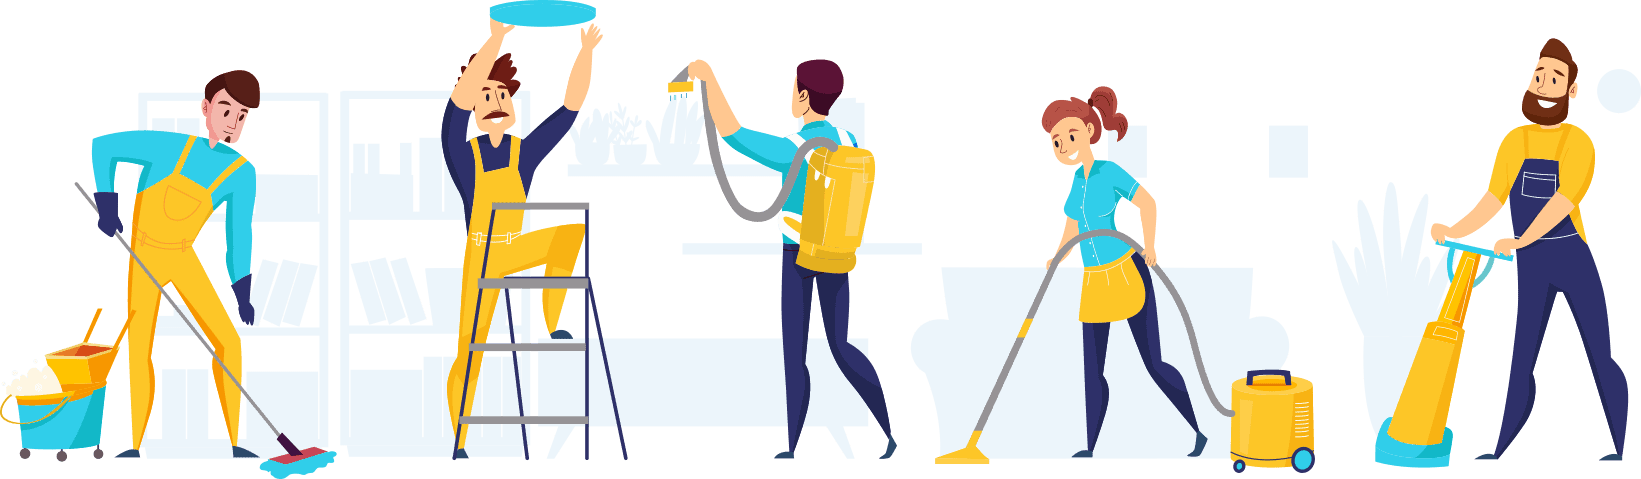 full bg شركة نظافة اكتك للخدمات الفندقية أفضل شركة نظافة في مصر